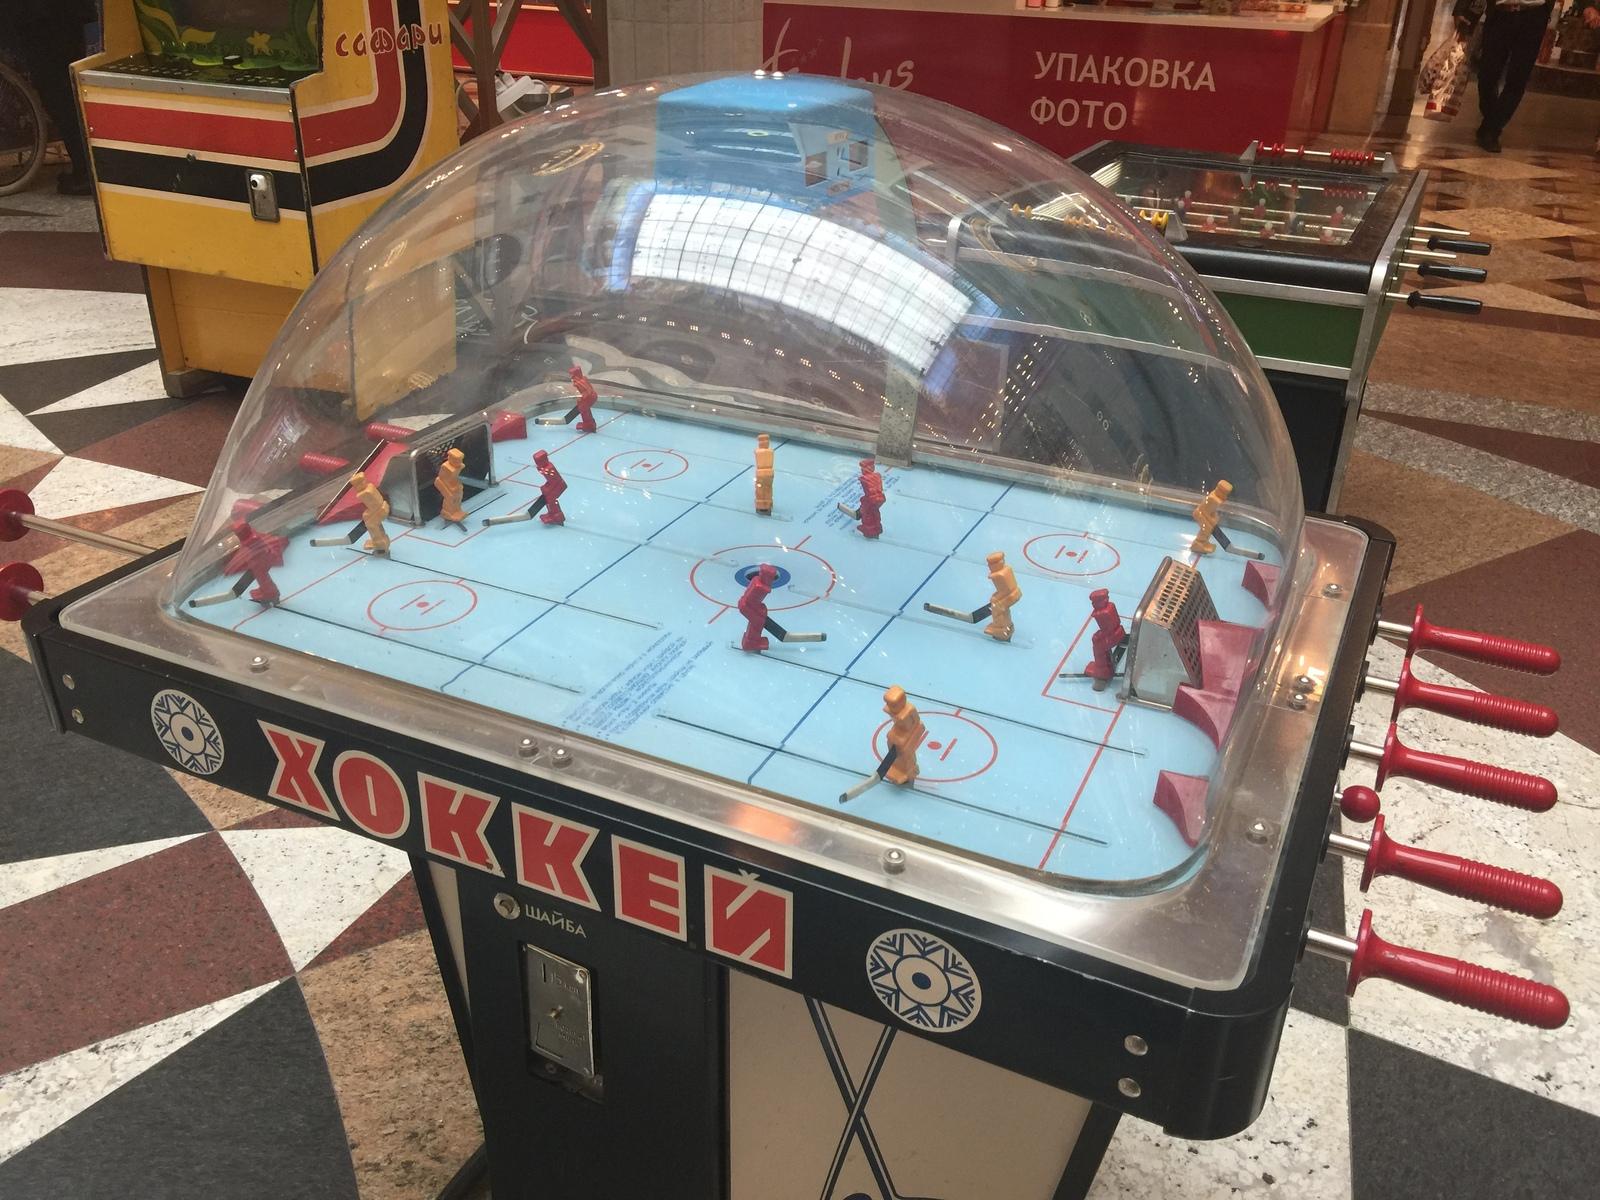 Игровой автомат хоккей экономика и игровые автоматы